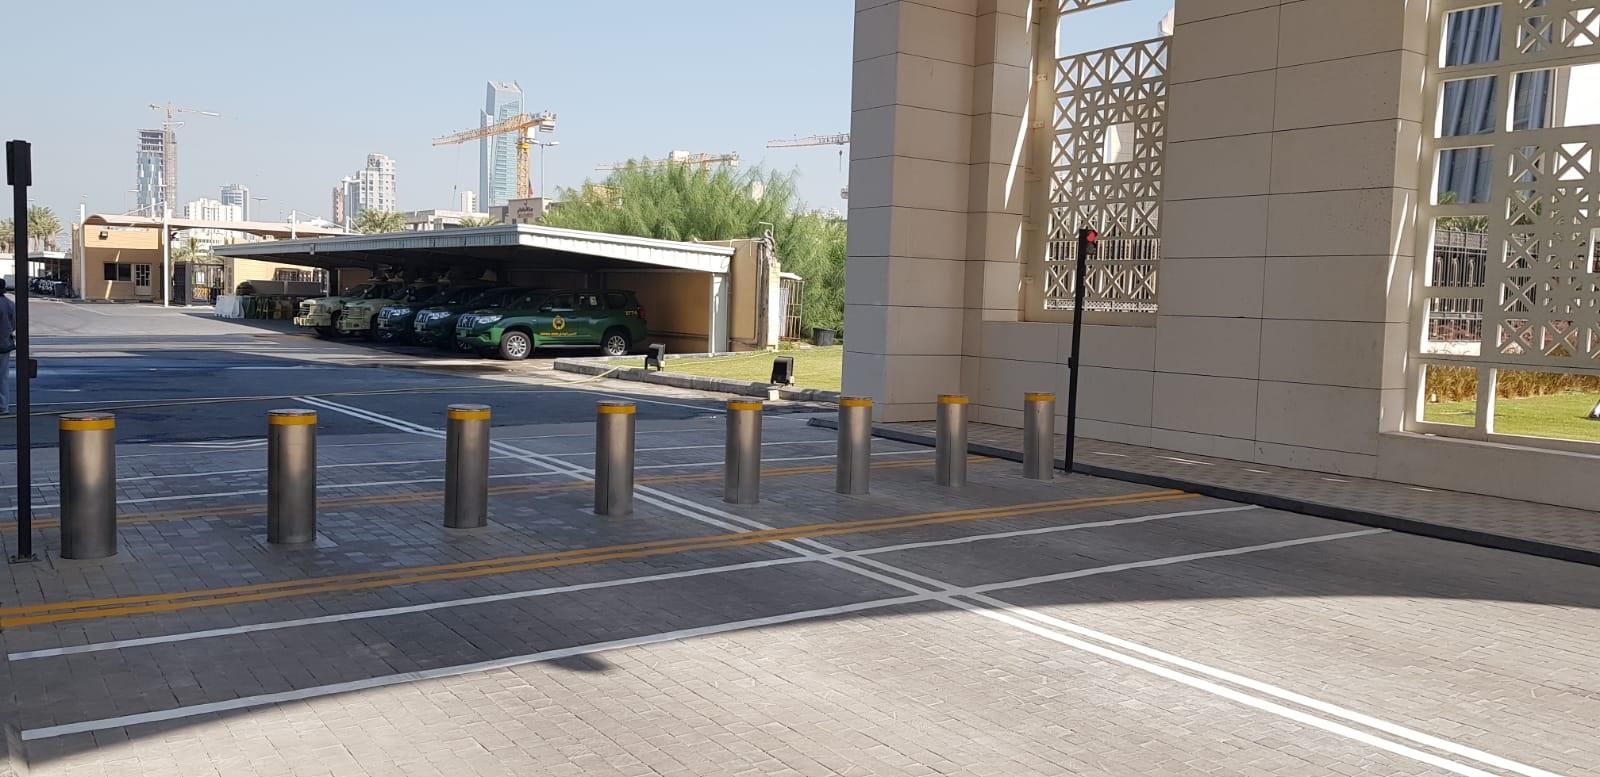 Verkehrsautomatische Poller, Außenministerium, Kuwait